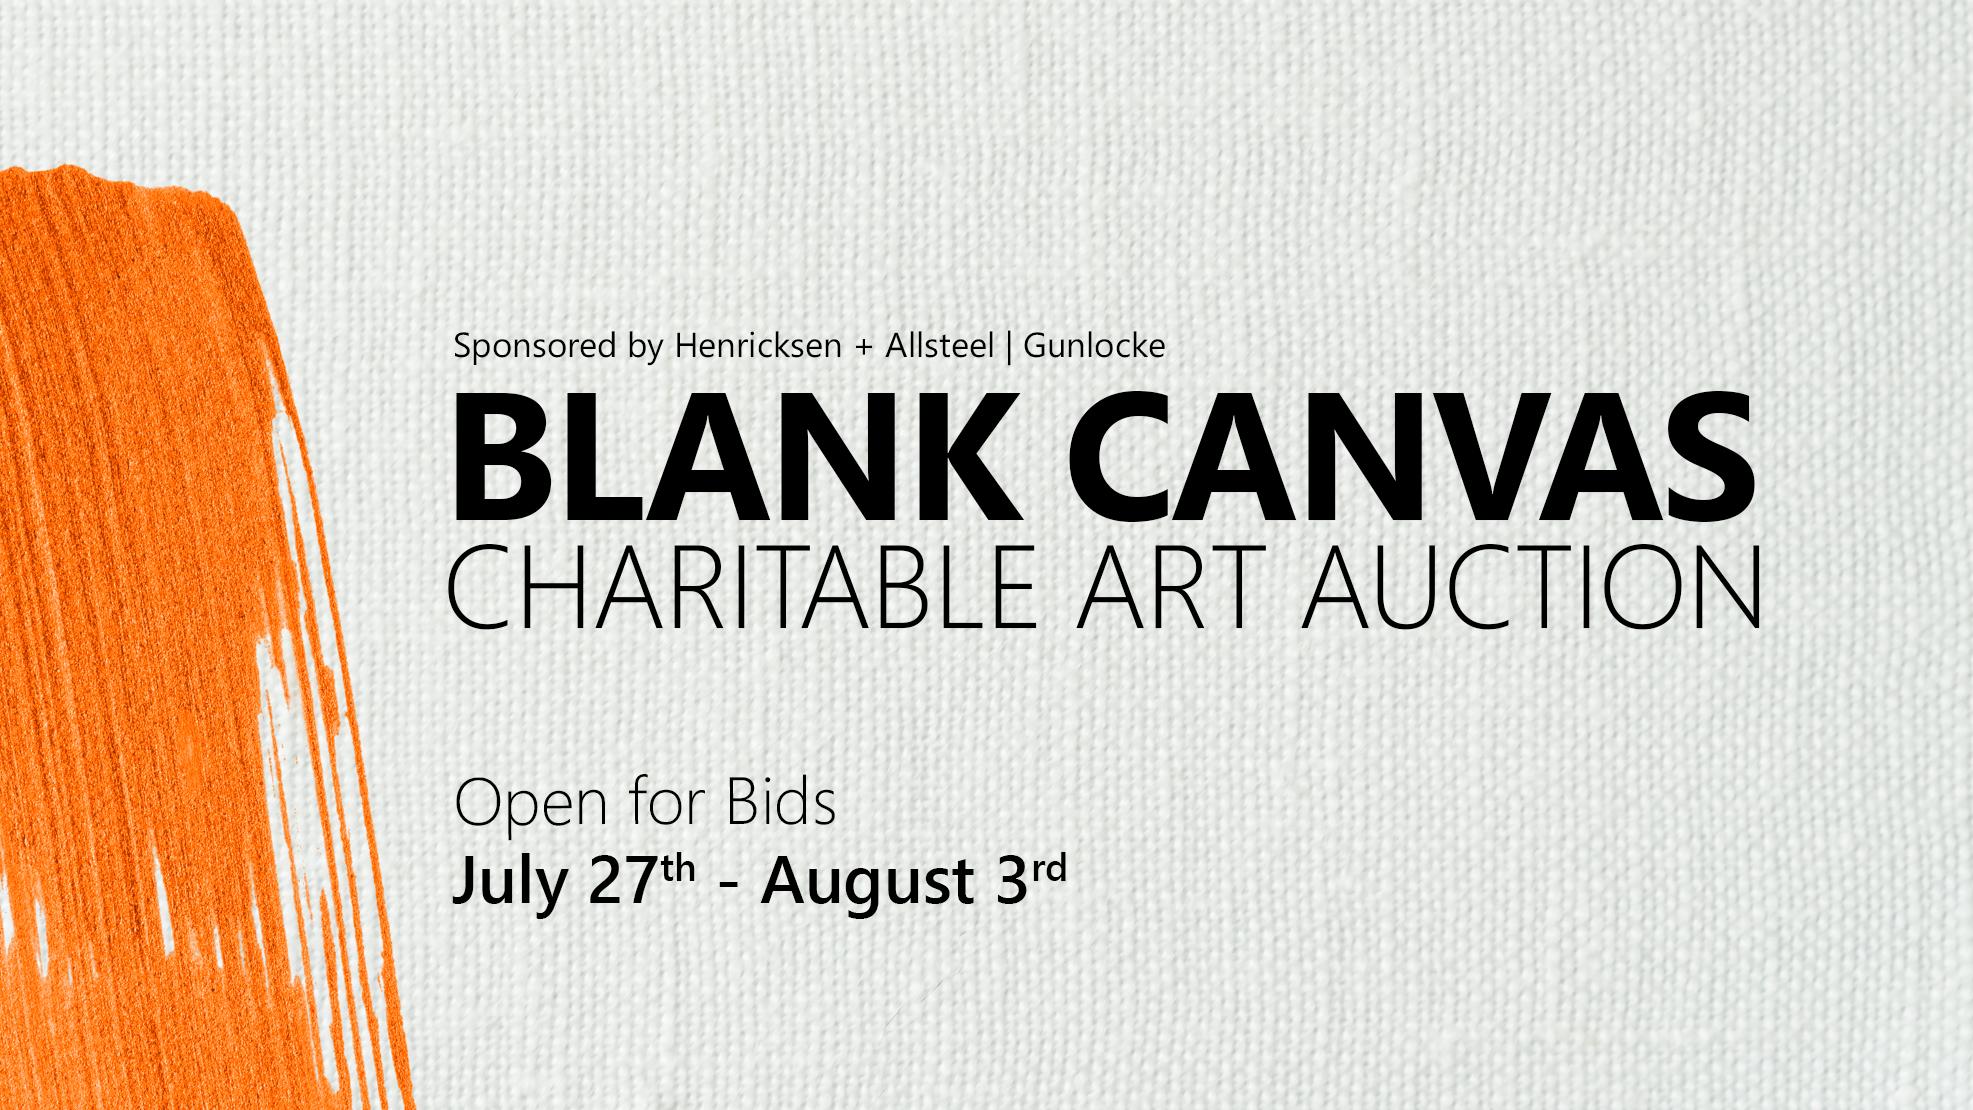 Blank Canvas Charitable Art Auction